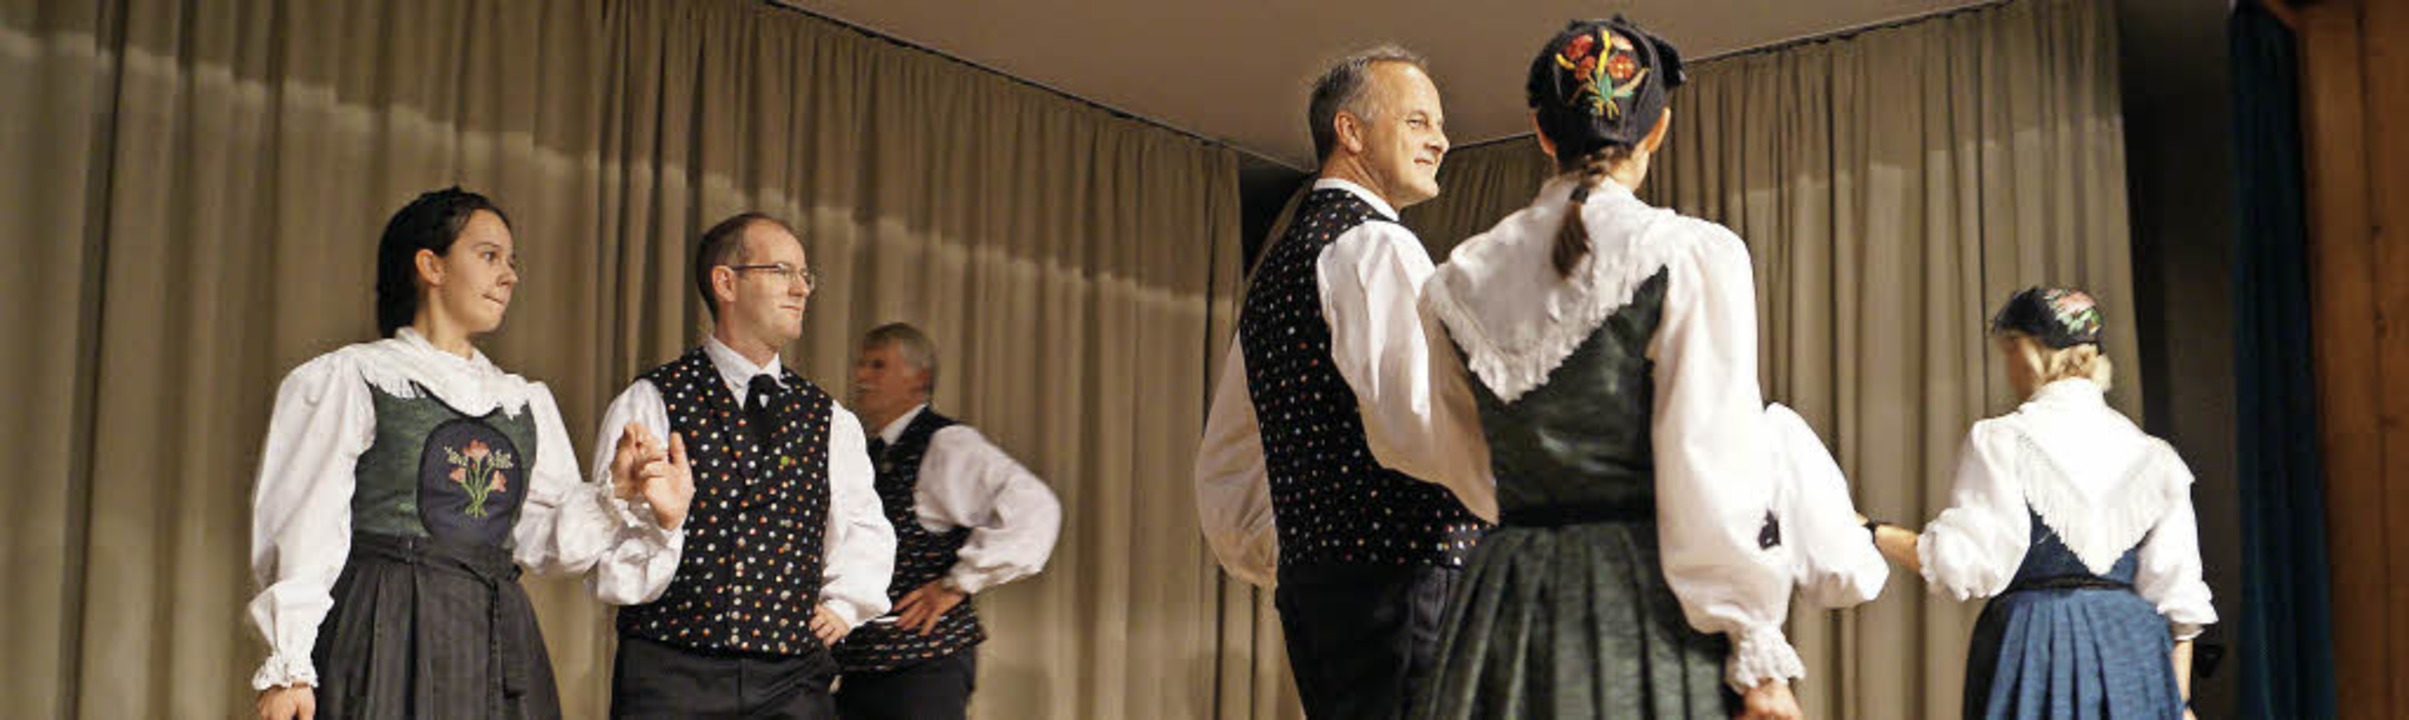 Die Trachten- und Volkstanzgruppe Egri...wartete mit einem bunten Programm auf.  | Foto: Hartenstein